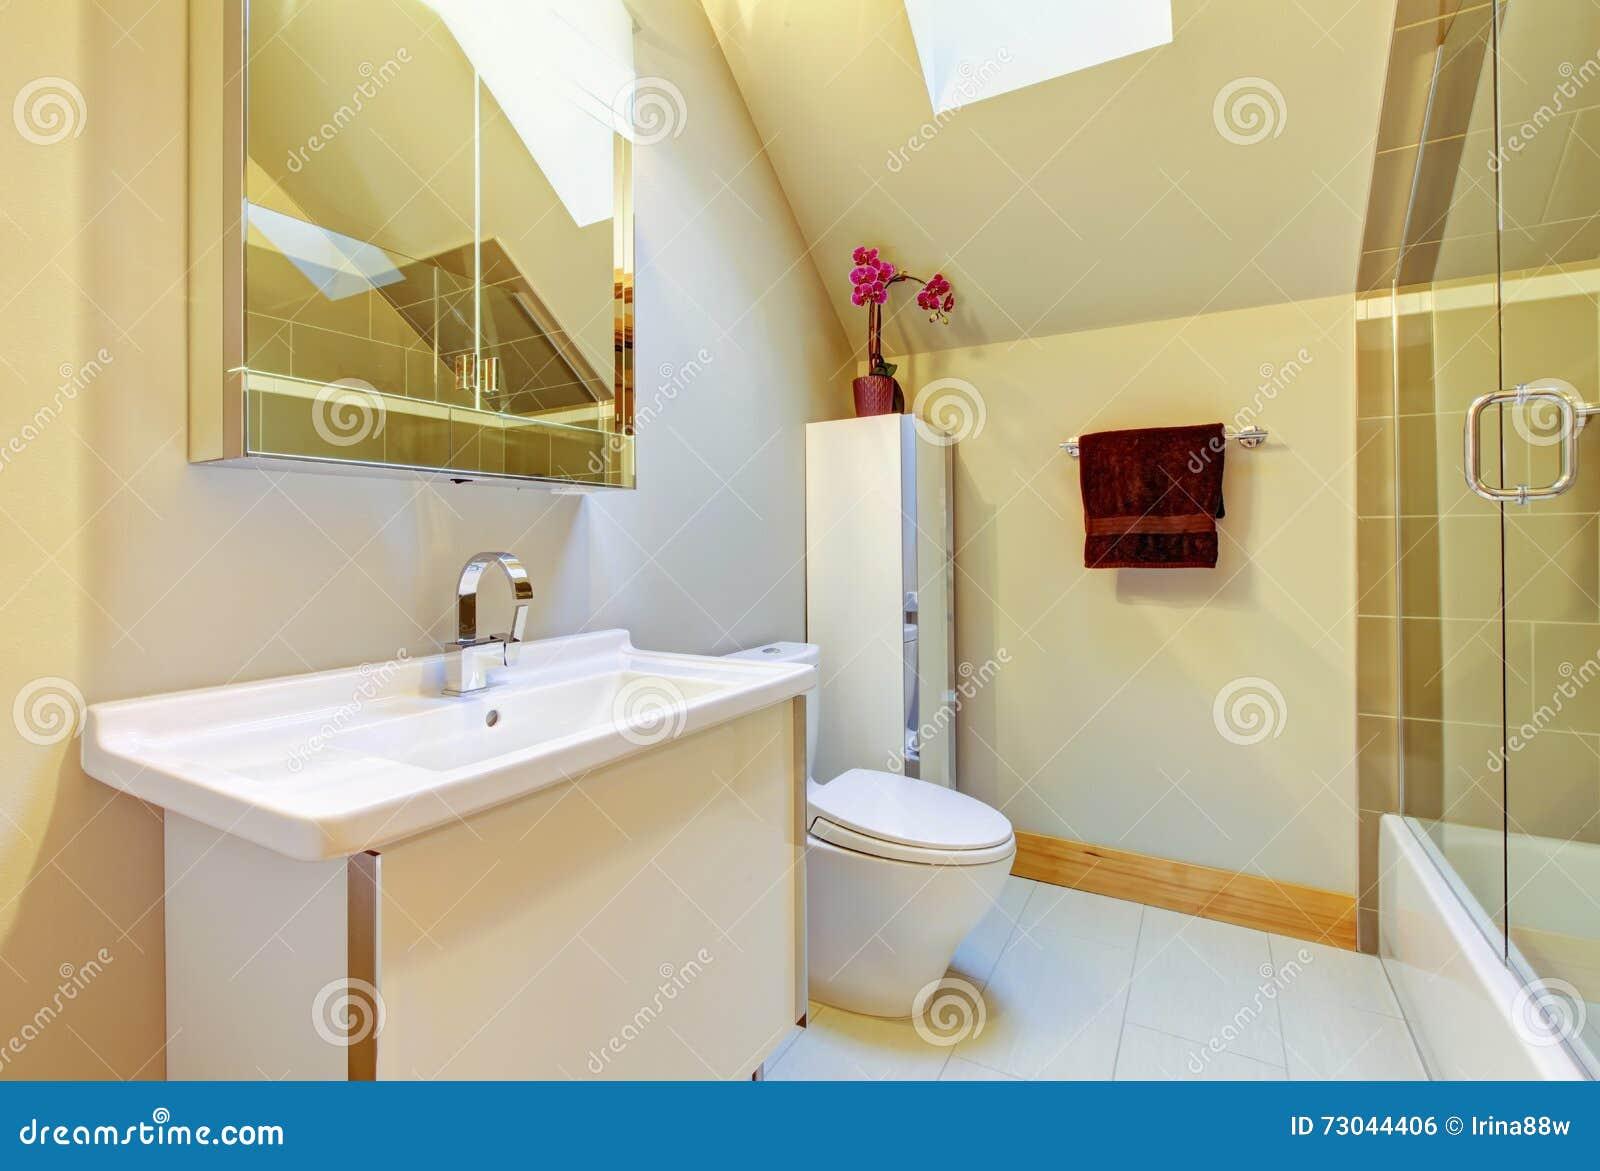 Petite Salle De Bains Beige Avec La Douche La Toilette Et Le